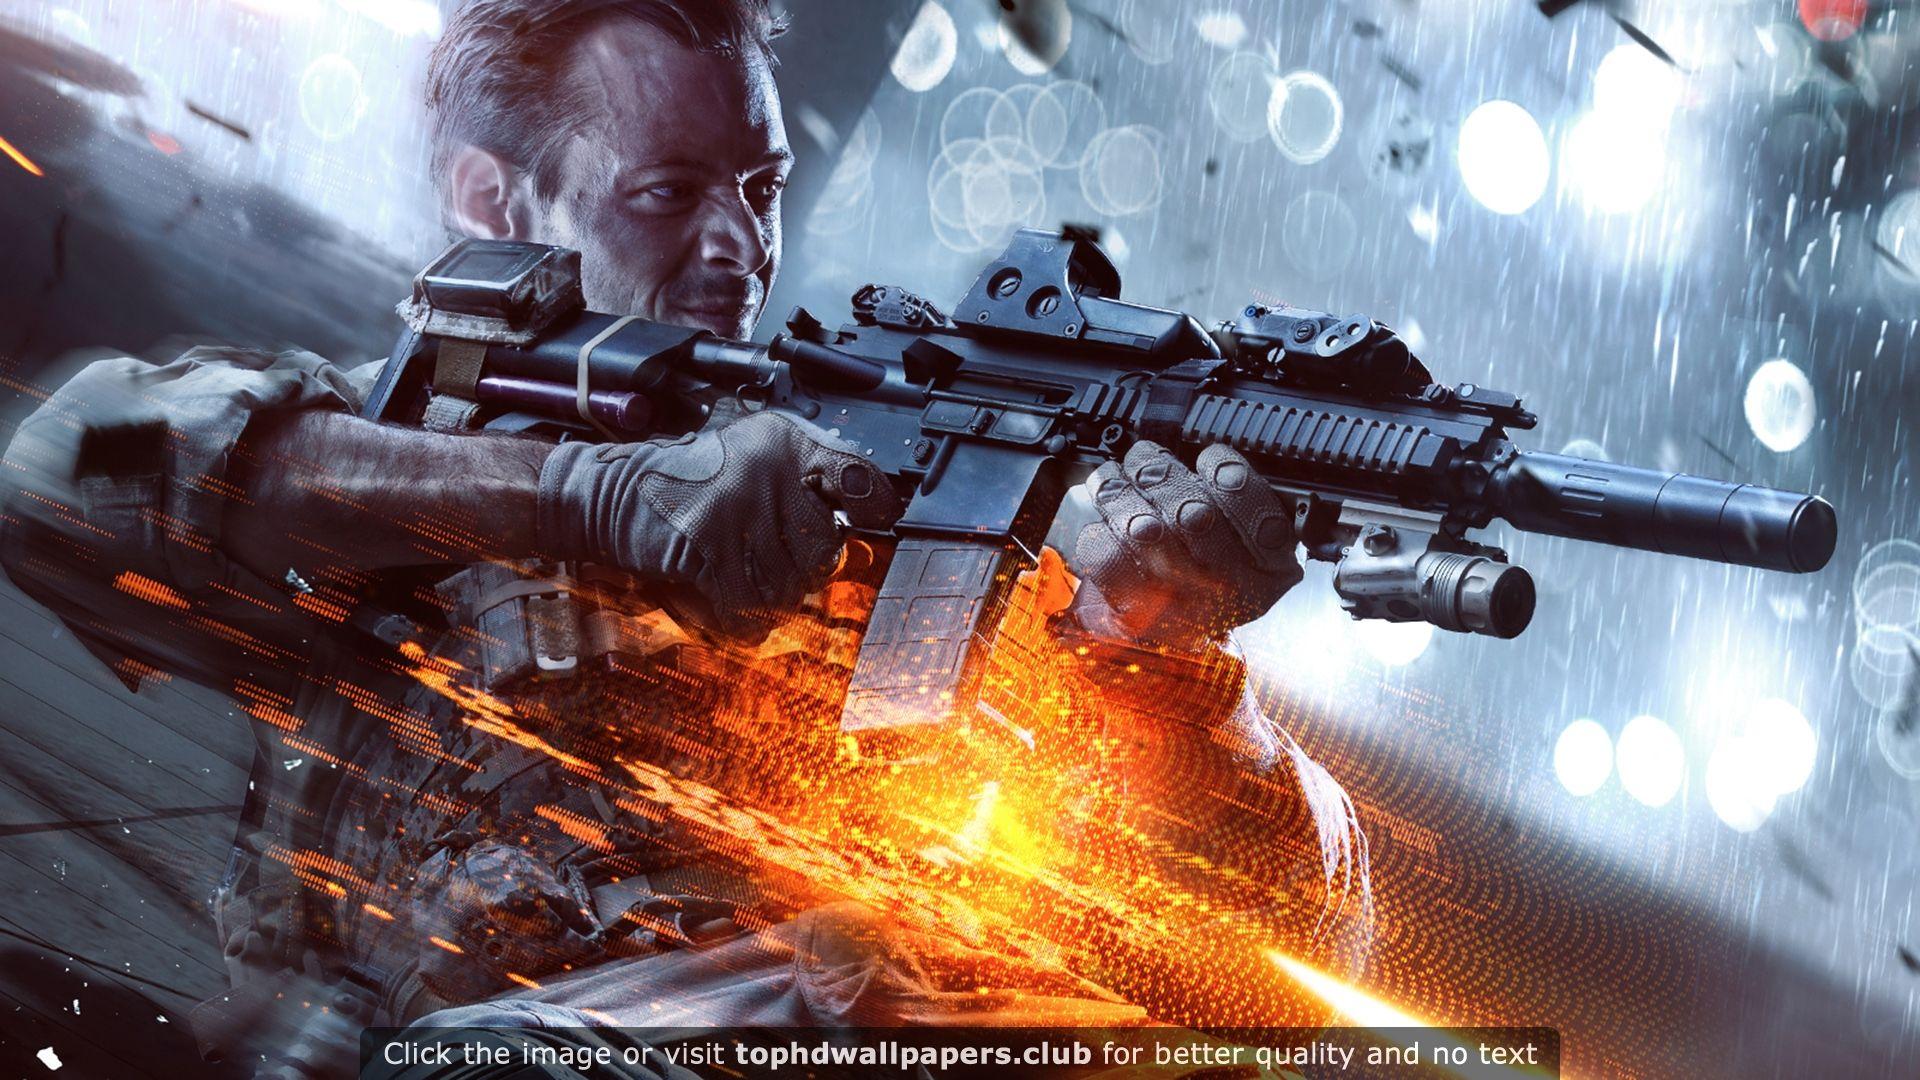 Battlefield Daniel Recker 4k Or Hd Wallpaper For Your Pc